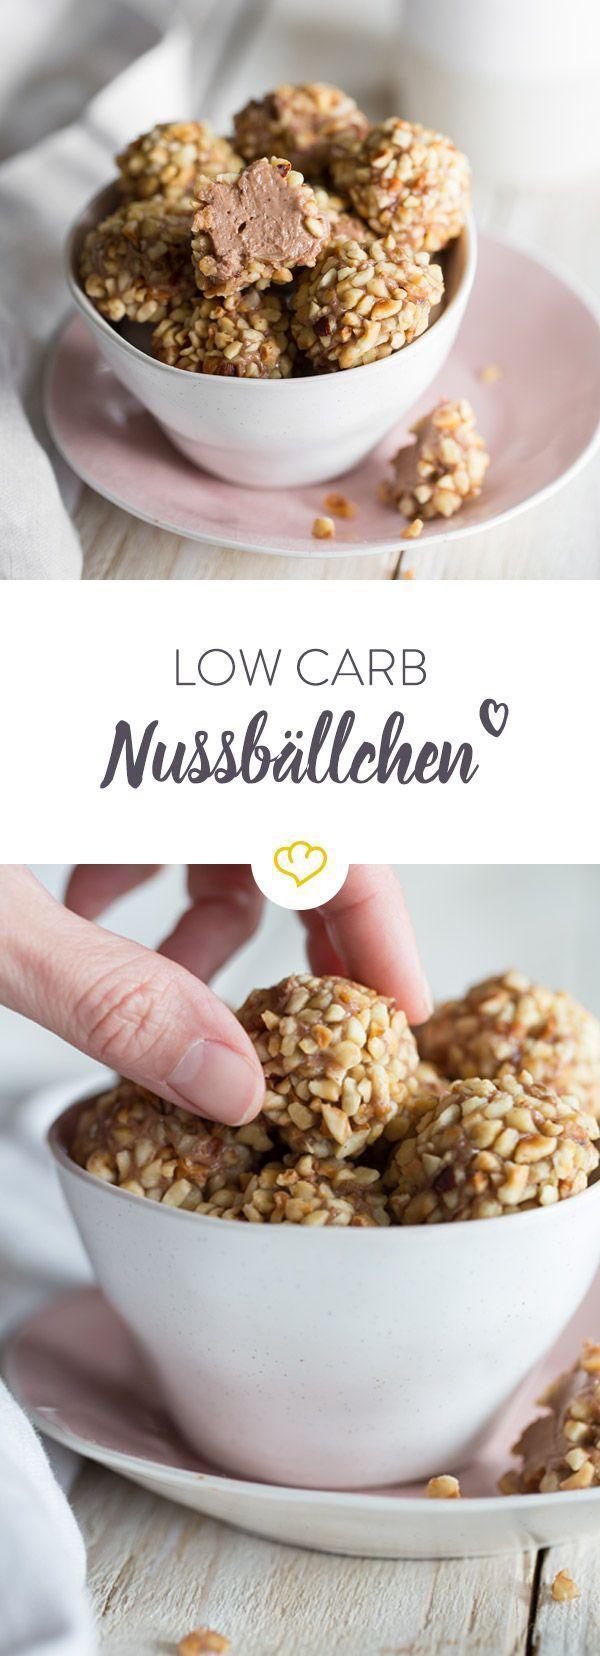 Low-Carb-Nussbällchen - erst rollen, dann snacken